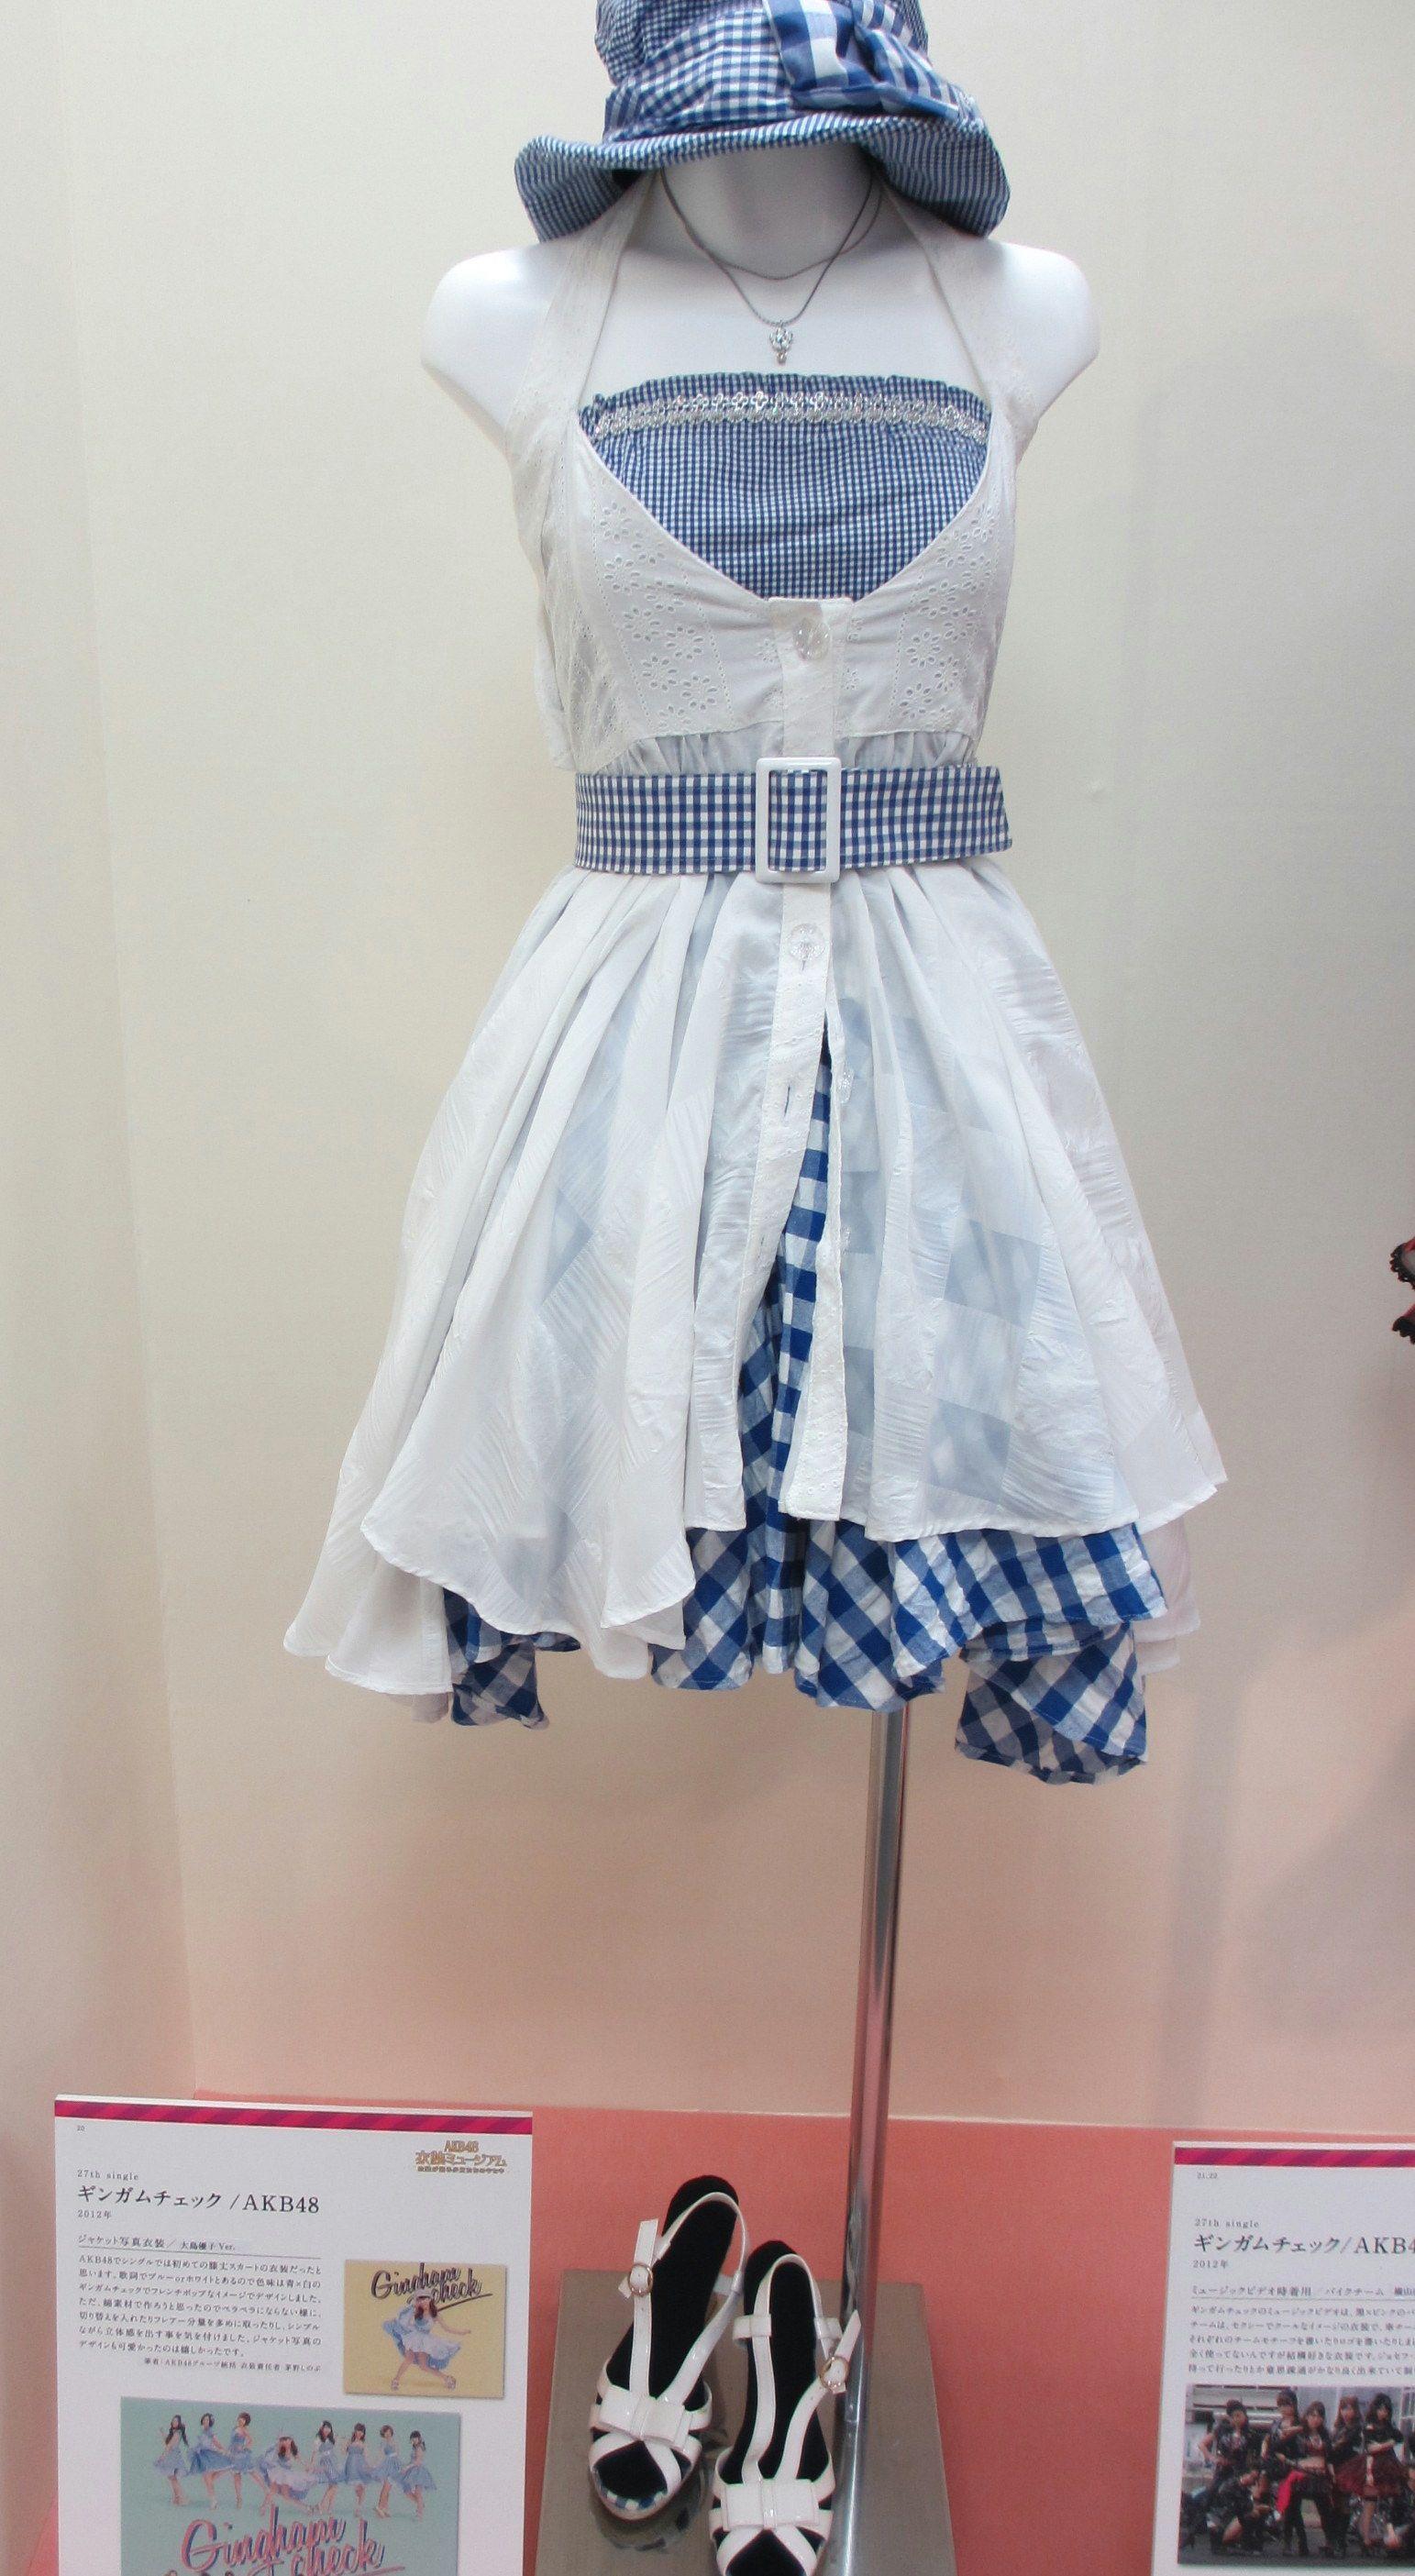 ギンガムチェック 大島優子 おしゃれ ワンピース アイドル 衣装 かわいい衣装